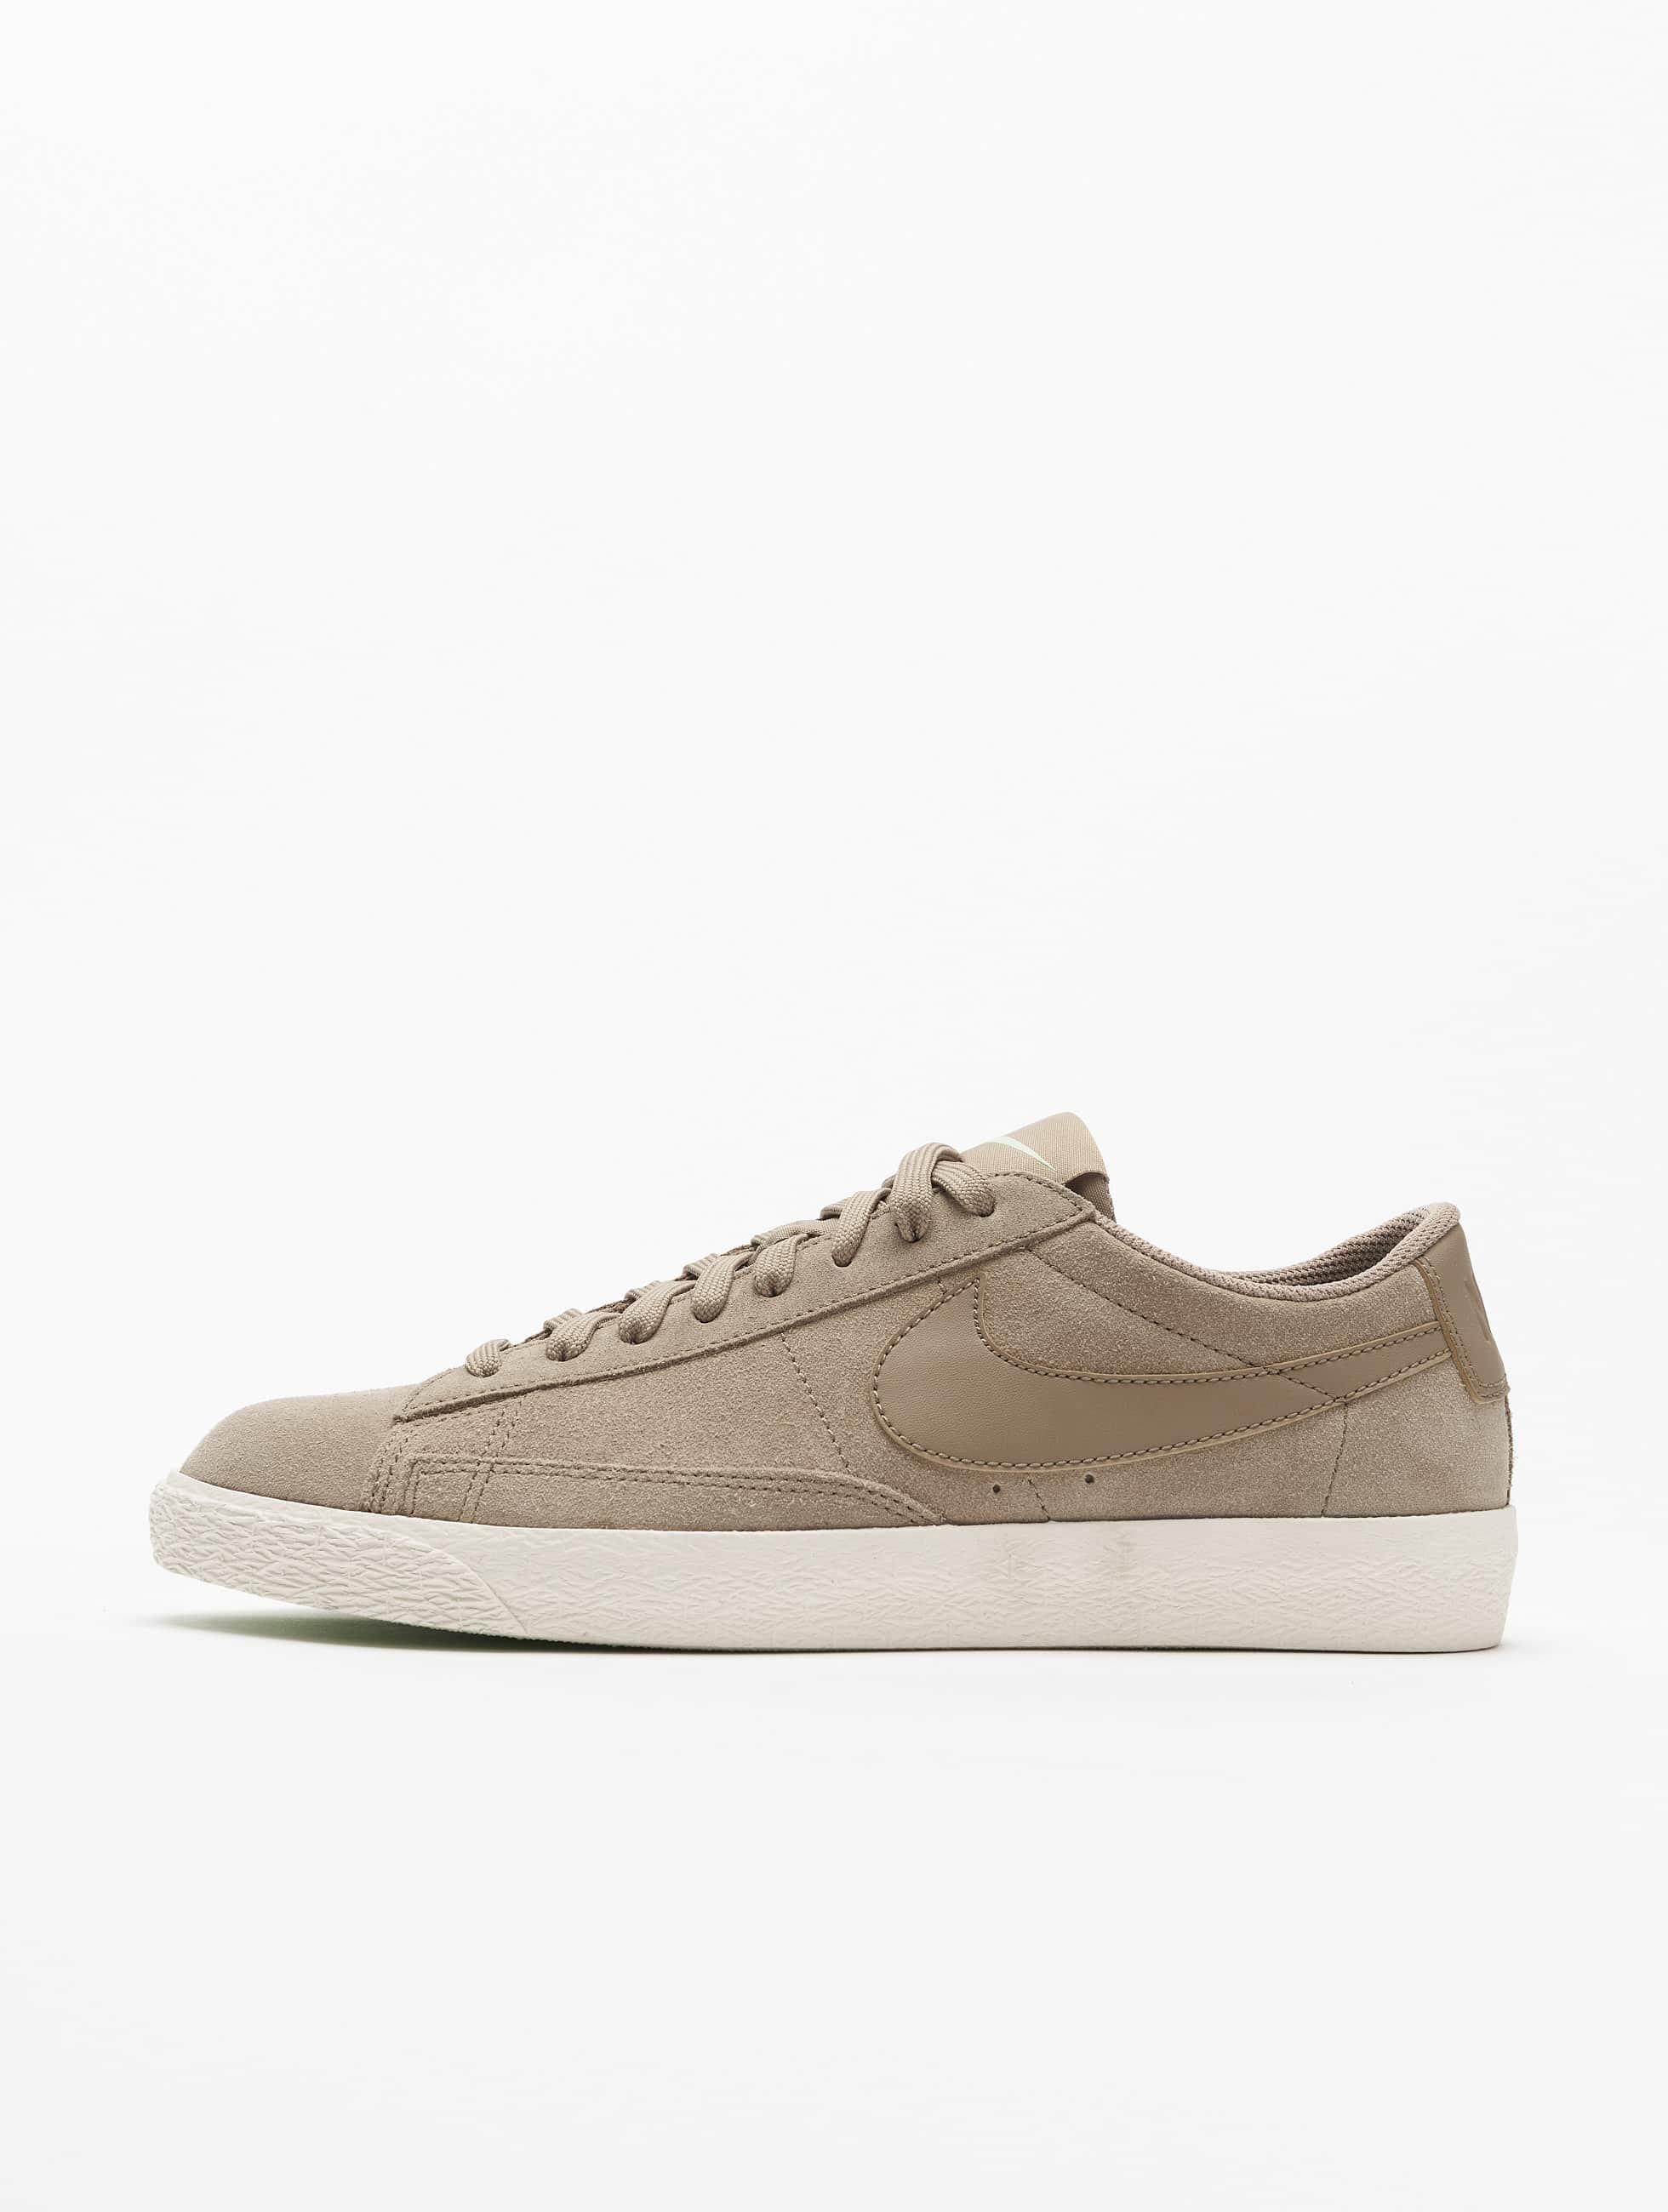 Nike Blazer Low Sneakers Brown